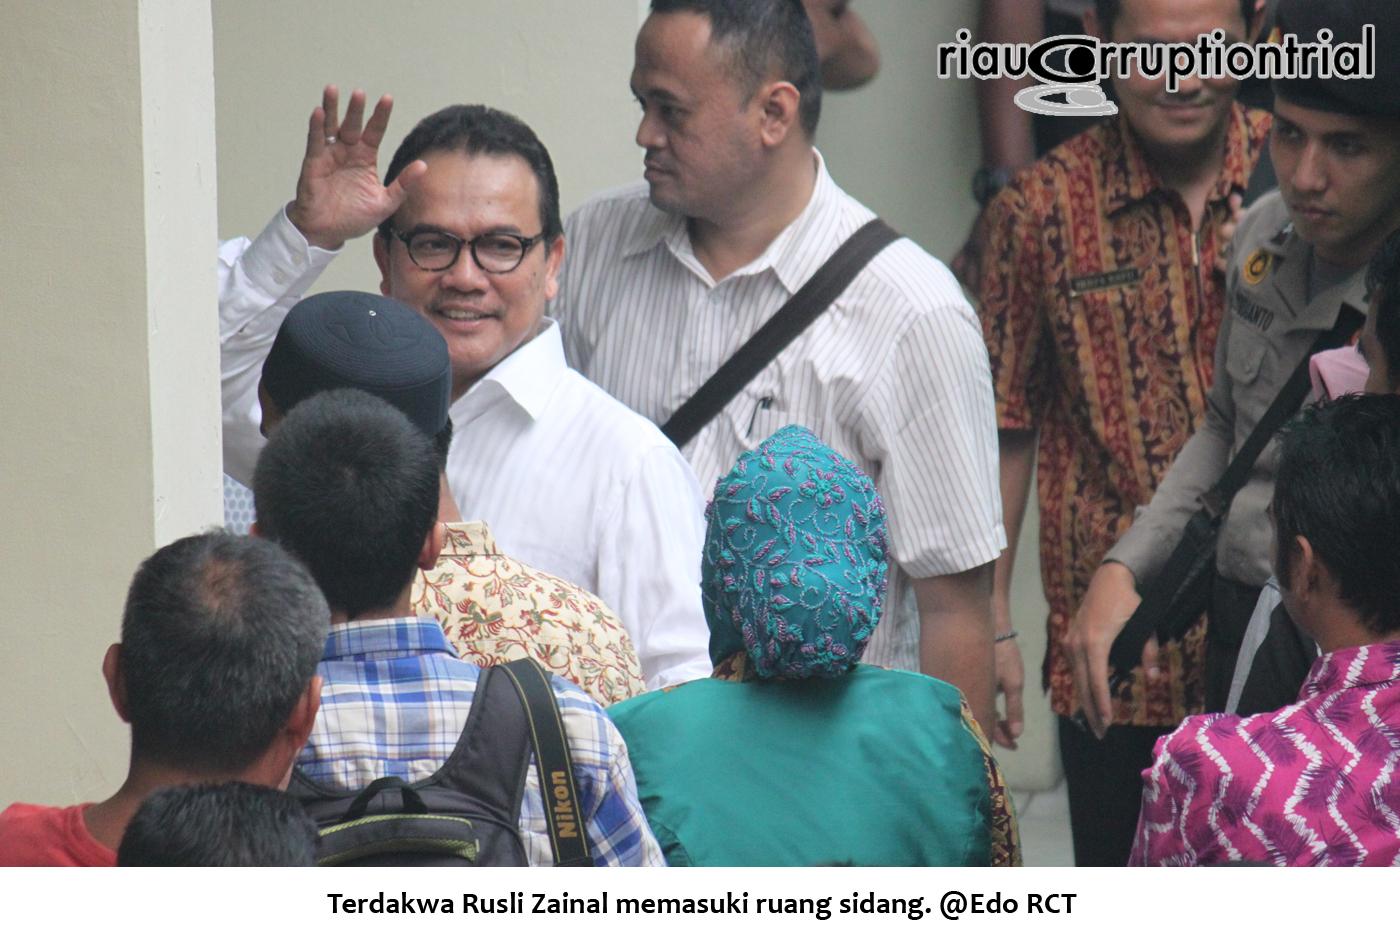 Terdakwa RZ memasuki ruang sidang